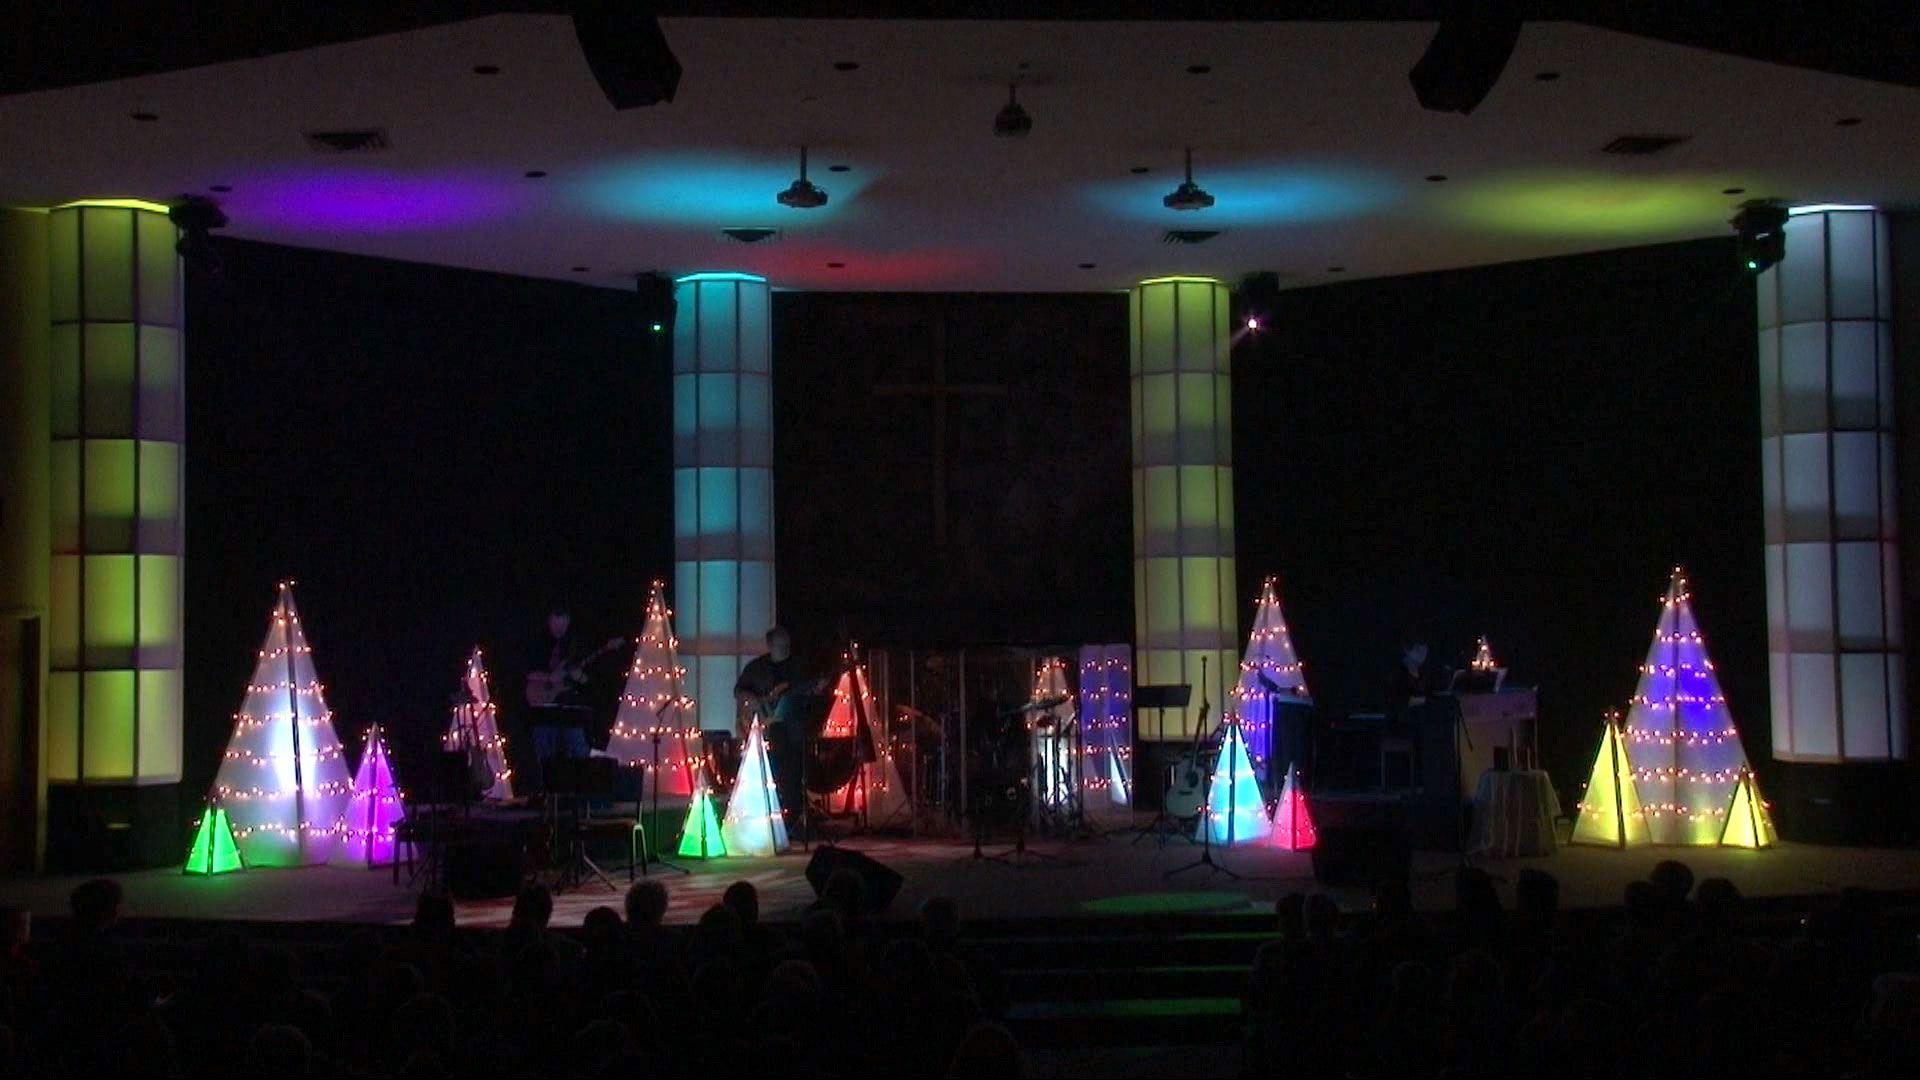 Christmas decoration ideas for a church - Christmas Stage Set Ideas Christmas Tri Church Stage Design Ideas